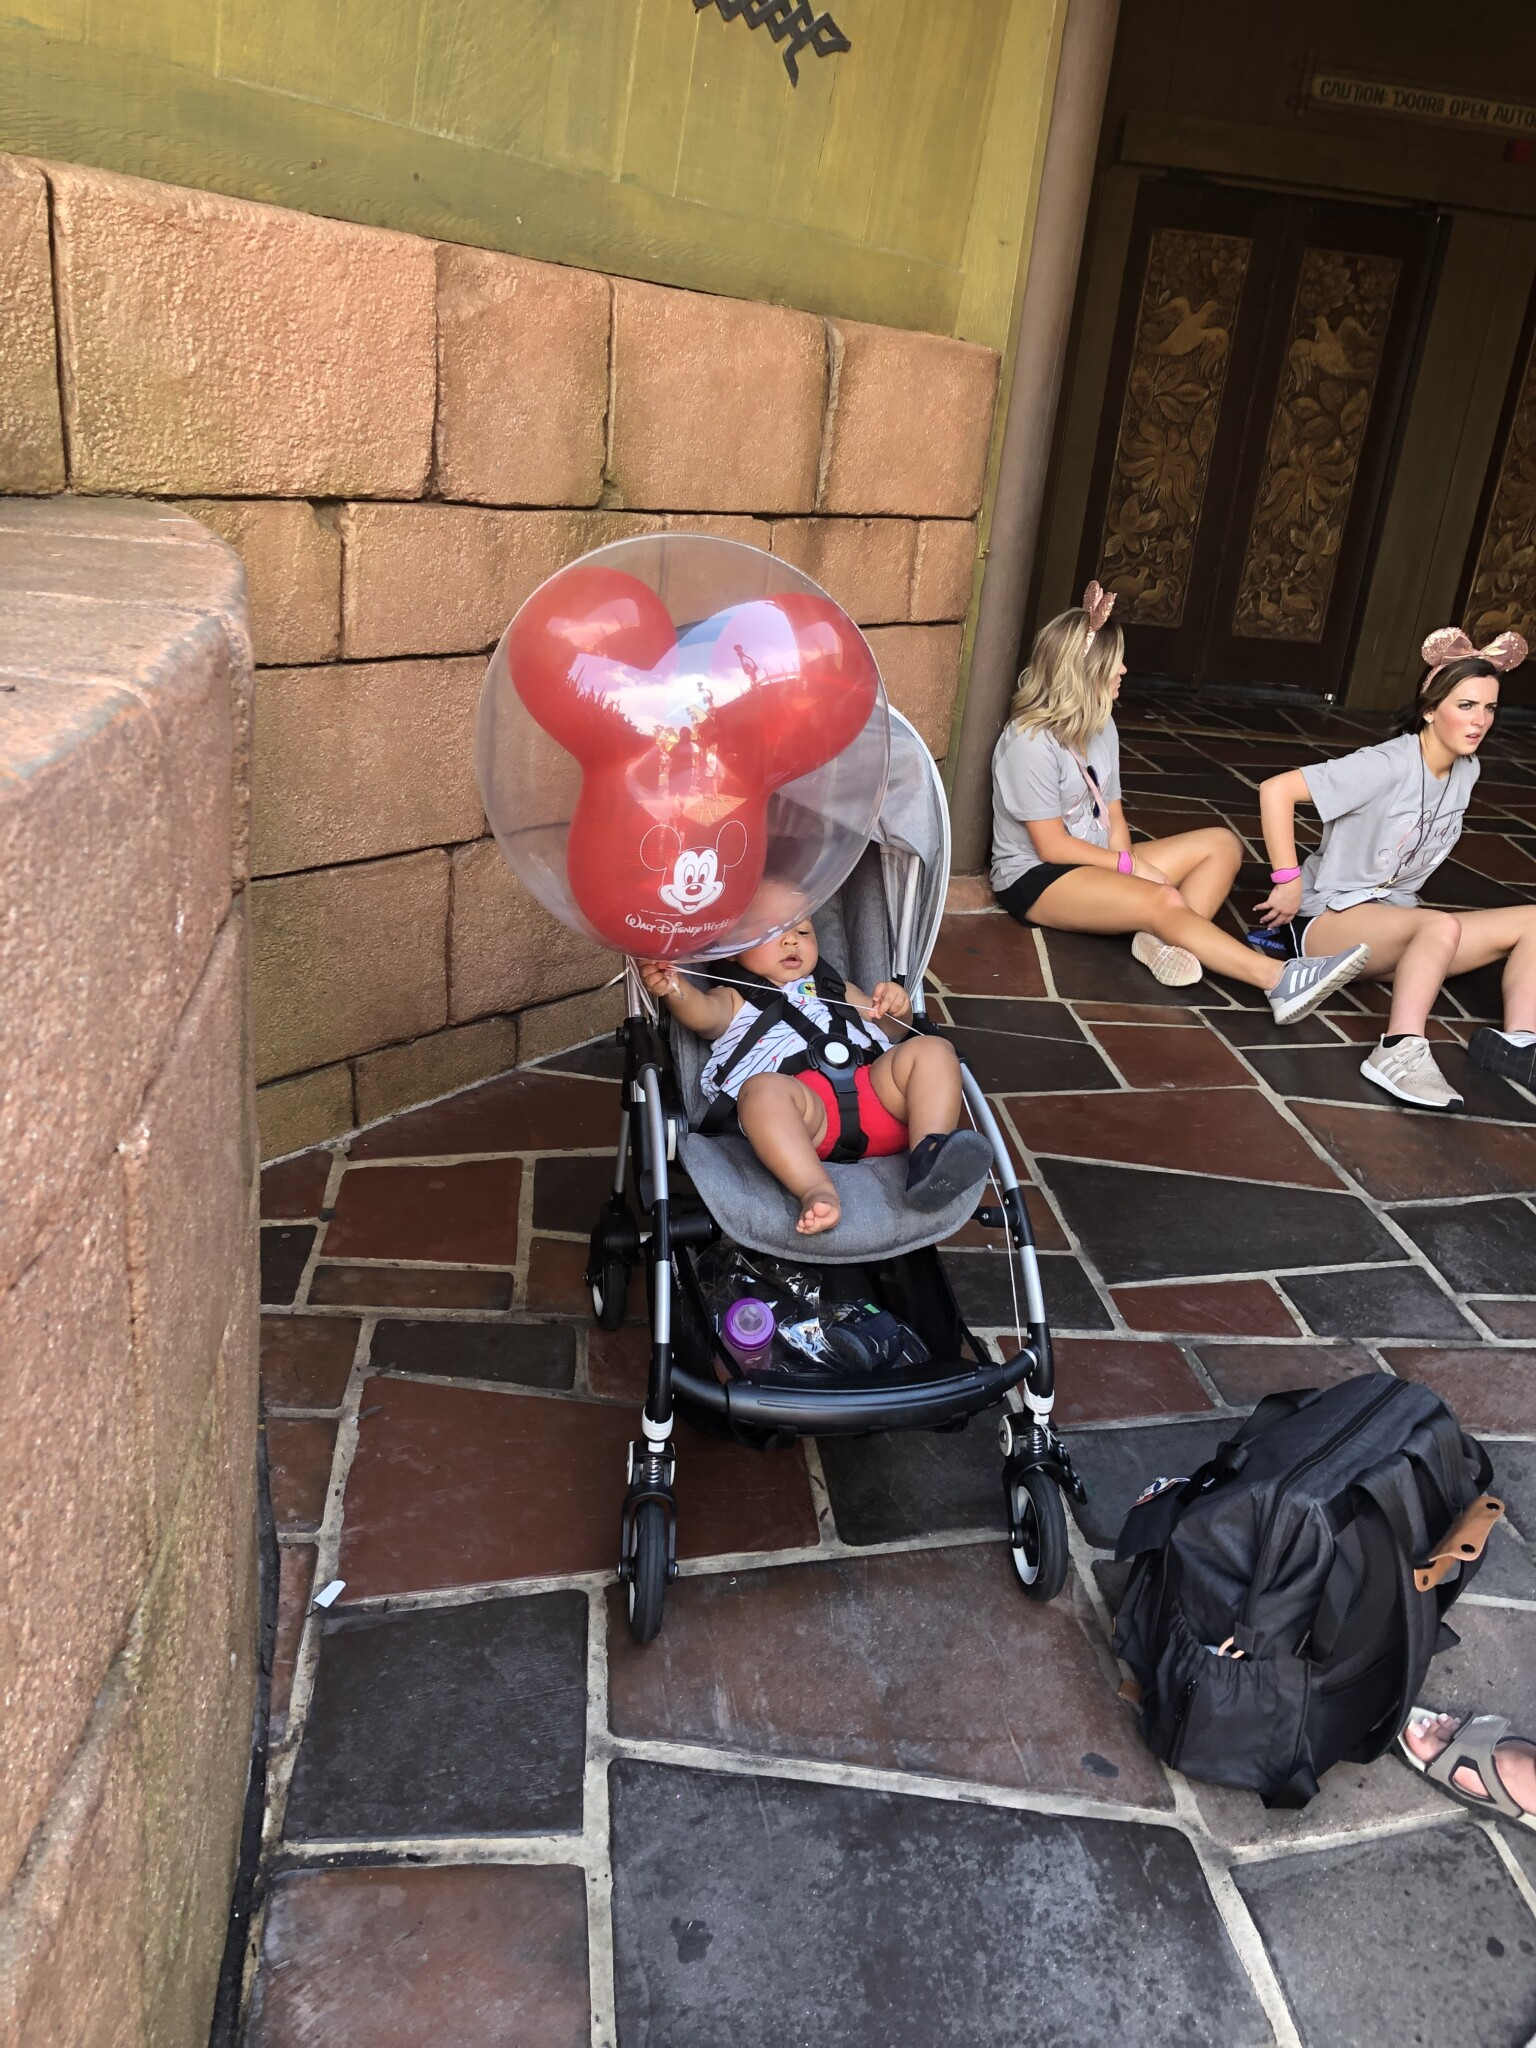 2 semaines en Floride avec un bébé de 1 an - Séjour du 2 au 16 mai 2019 DCL + WDW - Page 16 IMG_1018-1536x2048